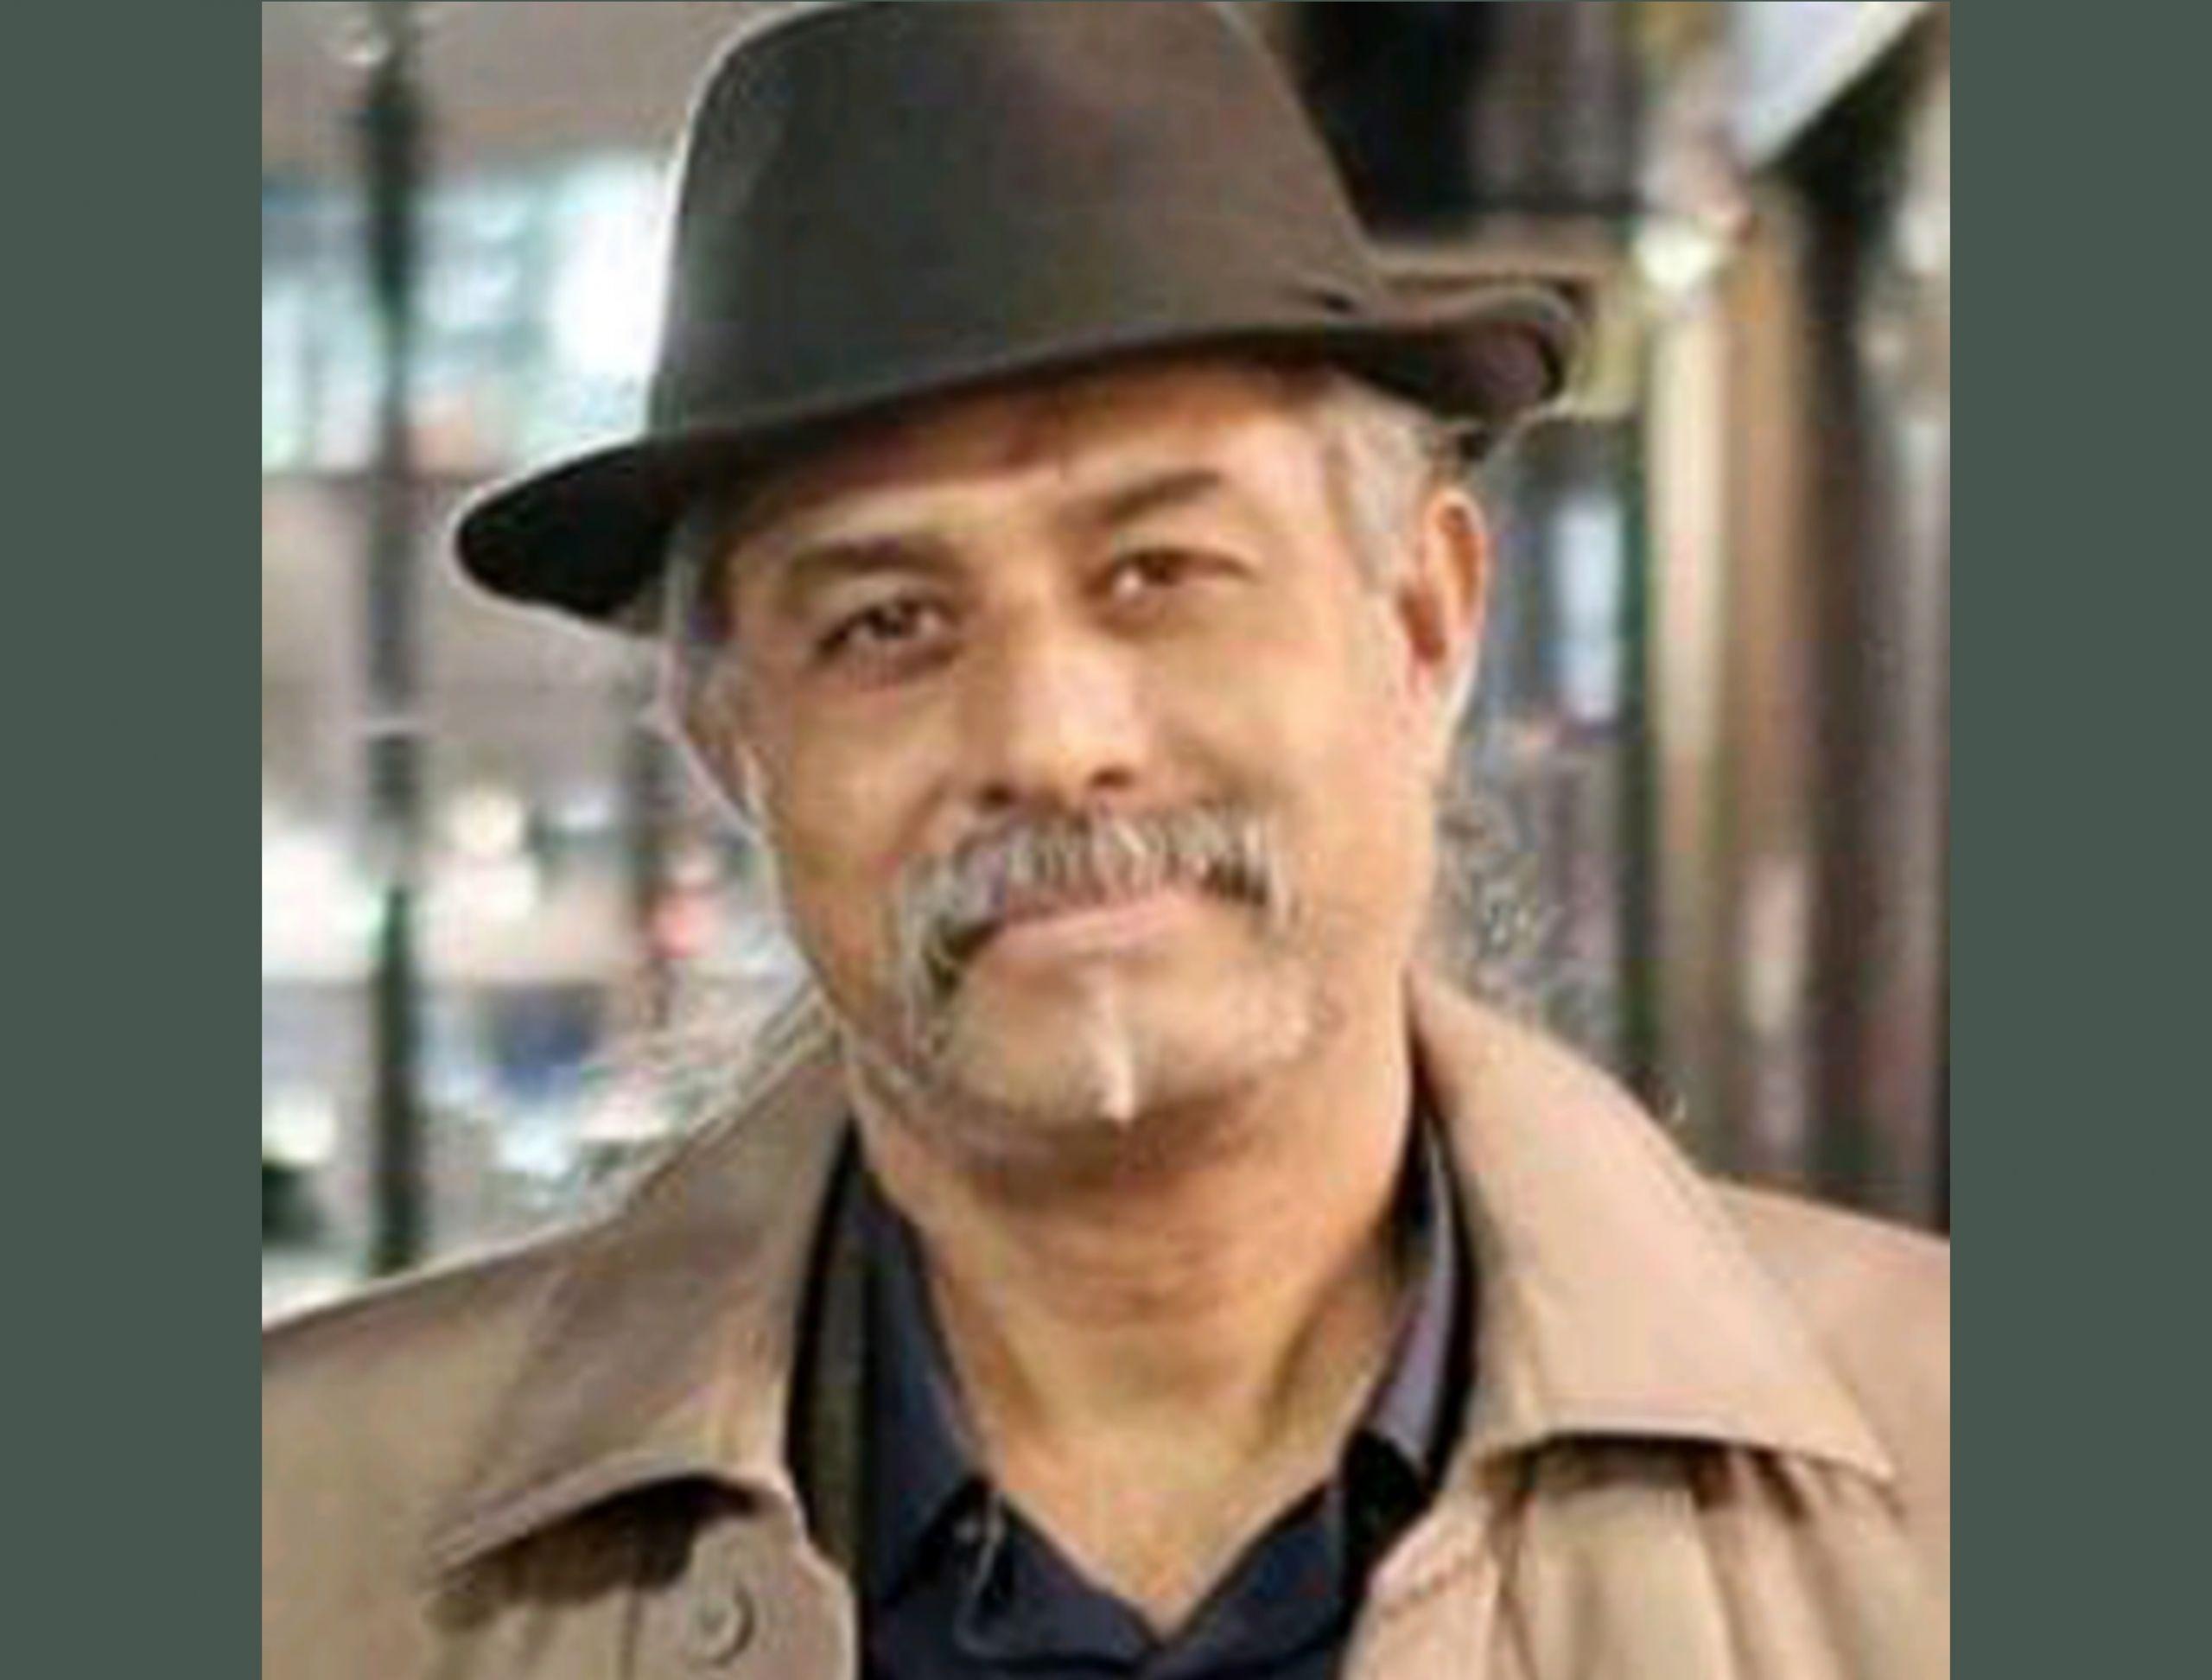 কামরুল হাসান মামুন Kamrul Hasan Mamun Professor Physics Department Dhaka University অধ্যাপক পদার্থবিজ্ঞান বিভাগ ঢাকা বিশ্ববিদ্যালয় ঢাবি